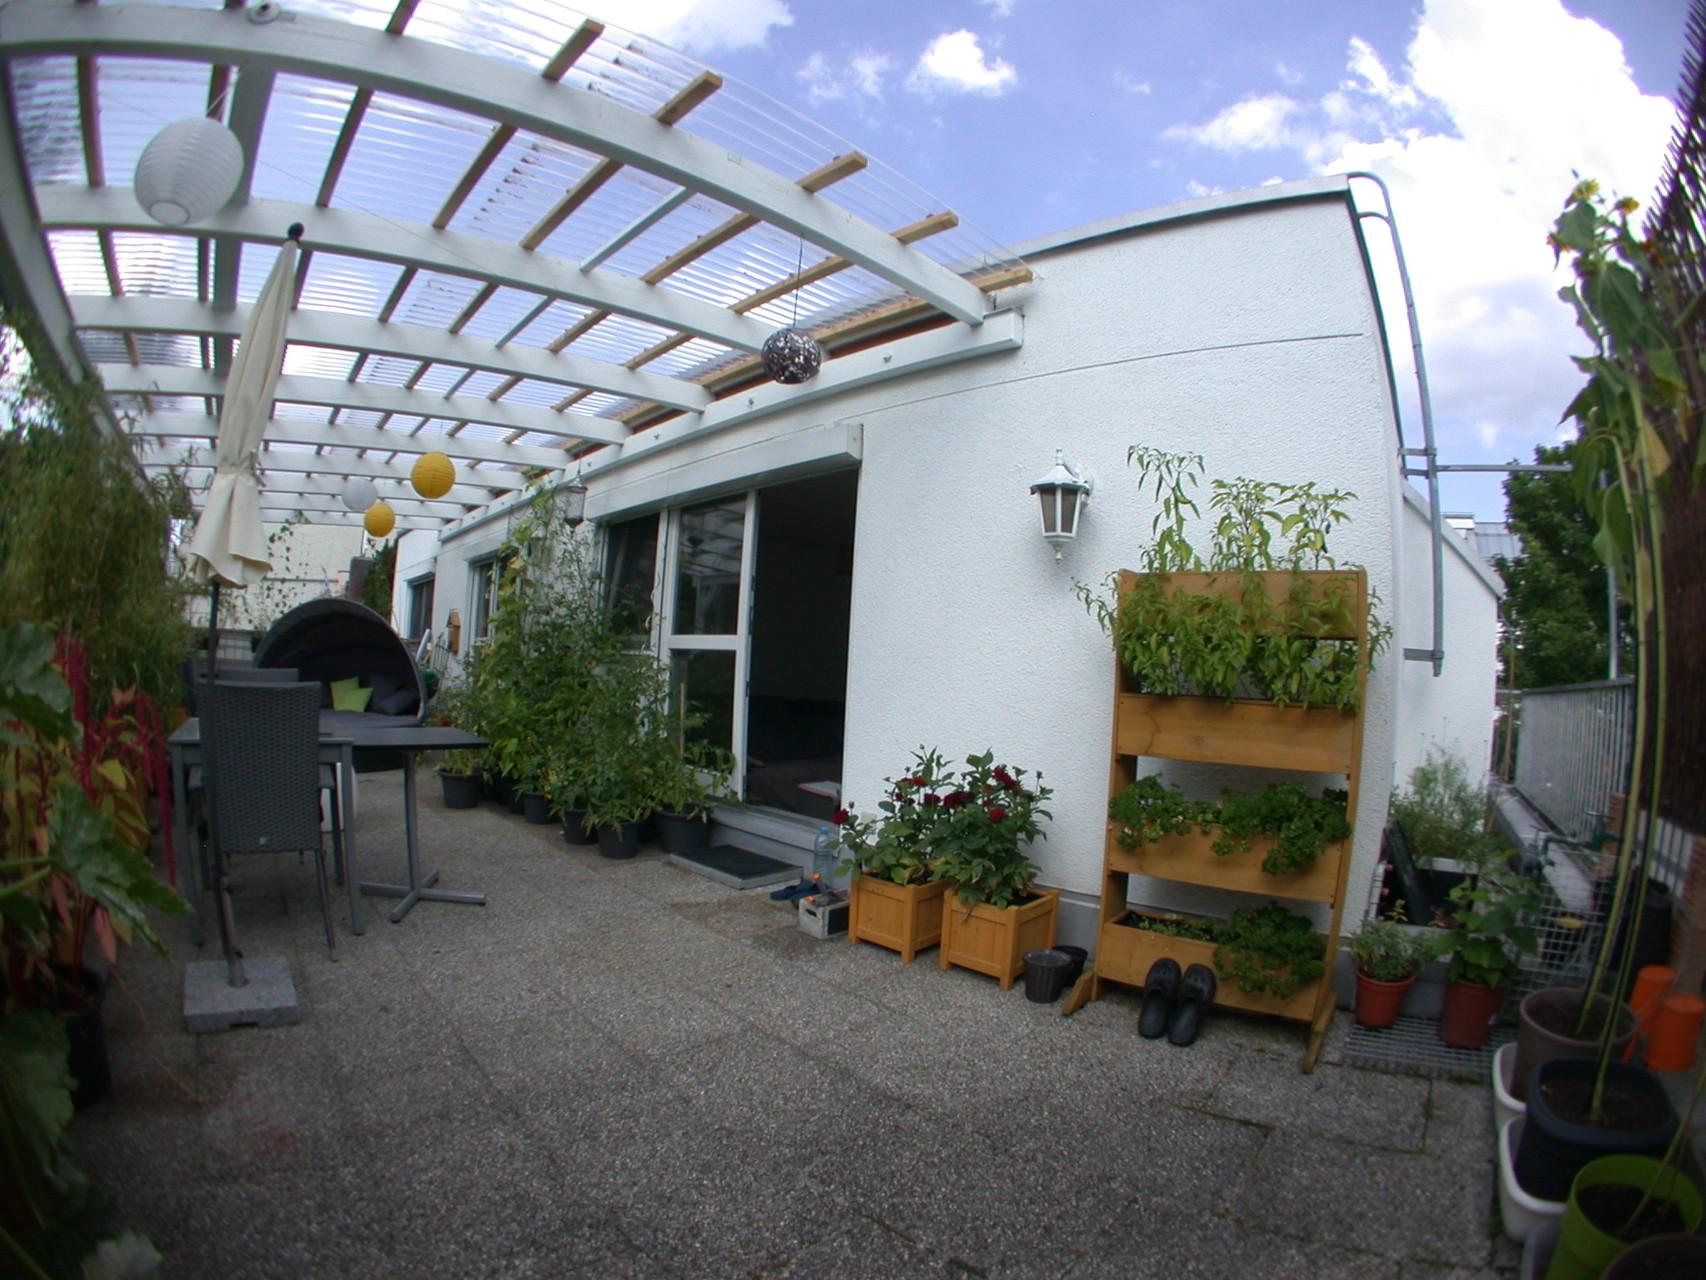 München Moosach Dachterrassen-Wohnung - Michael Rost Immobilienprojekte